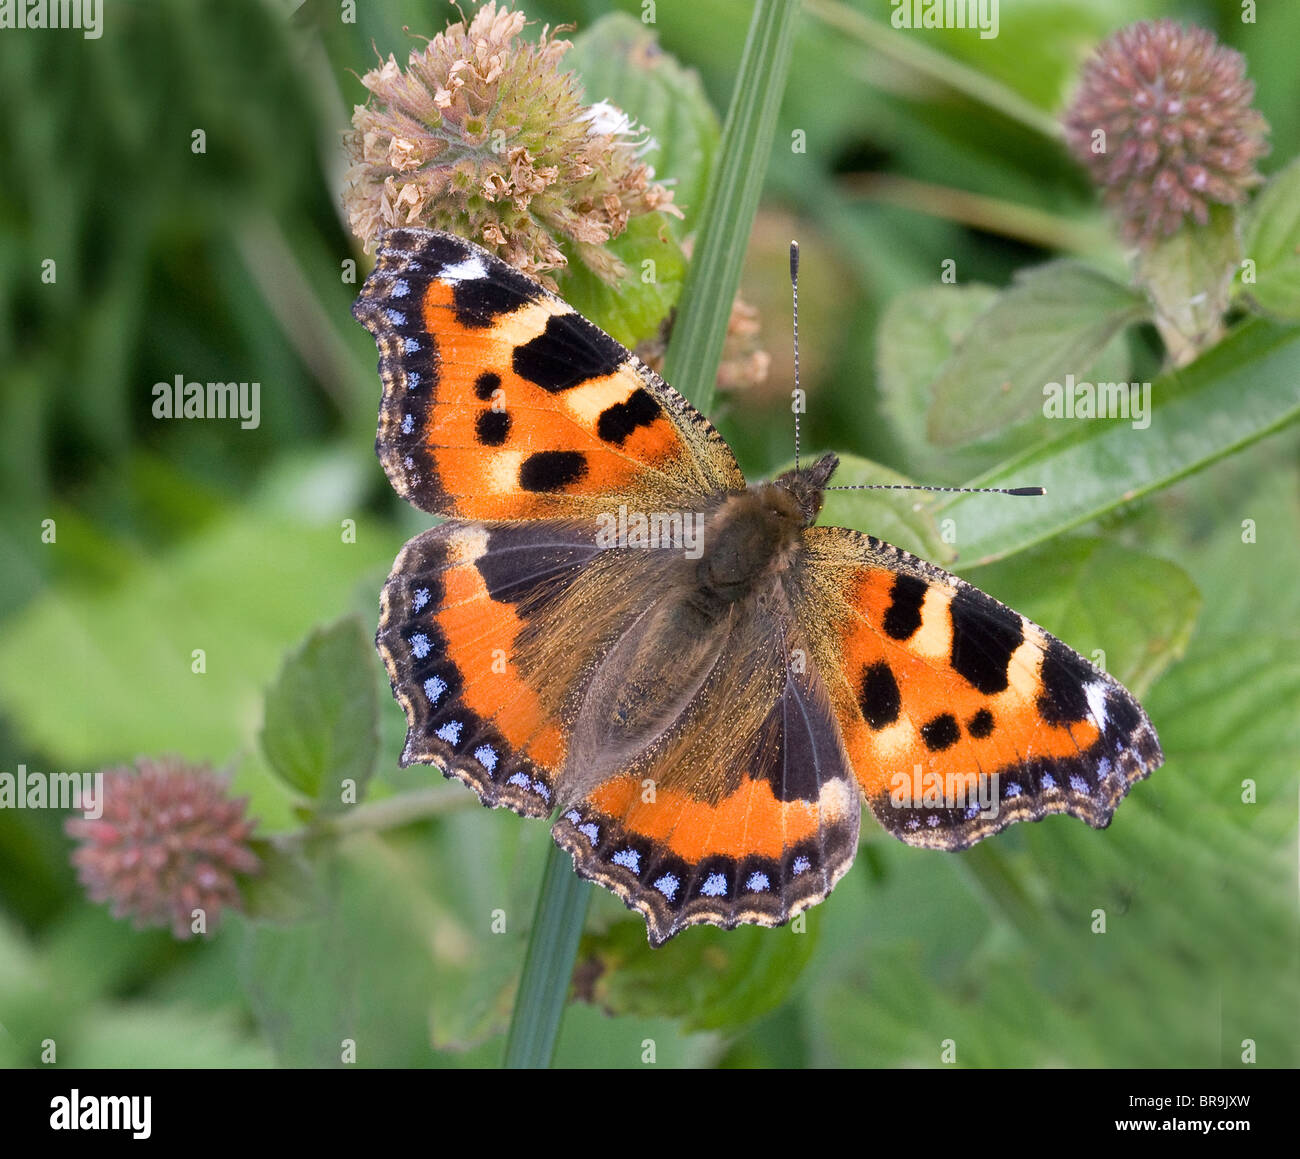 Kleiner Fuchs Schmetterling Aglais Urticae eine feine Imago der Herbst Brut im Vereinigten Königreich Fütterung Stockbild